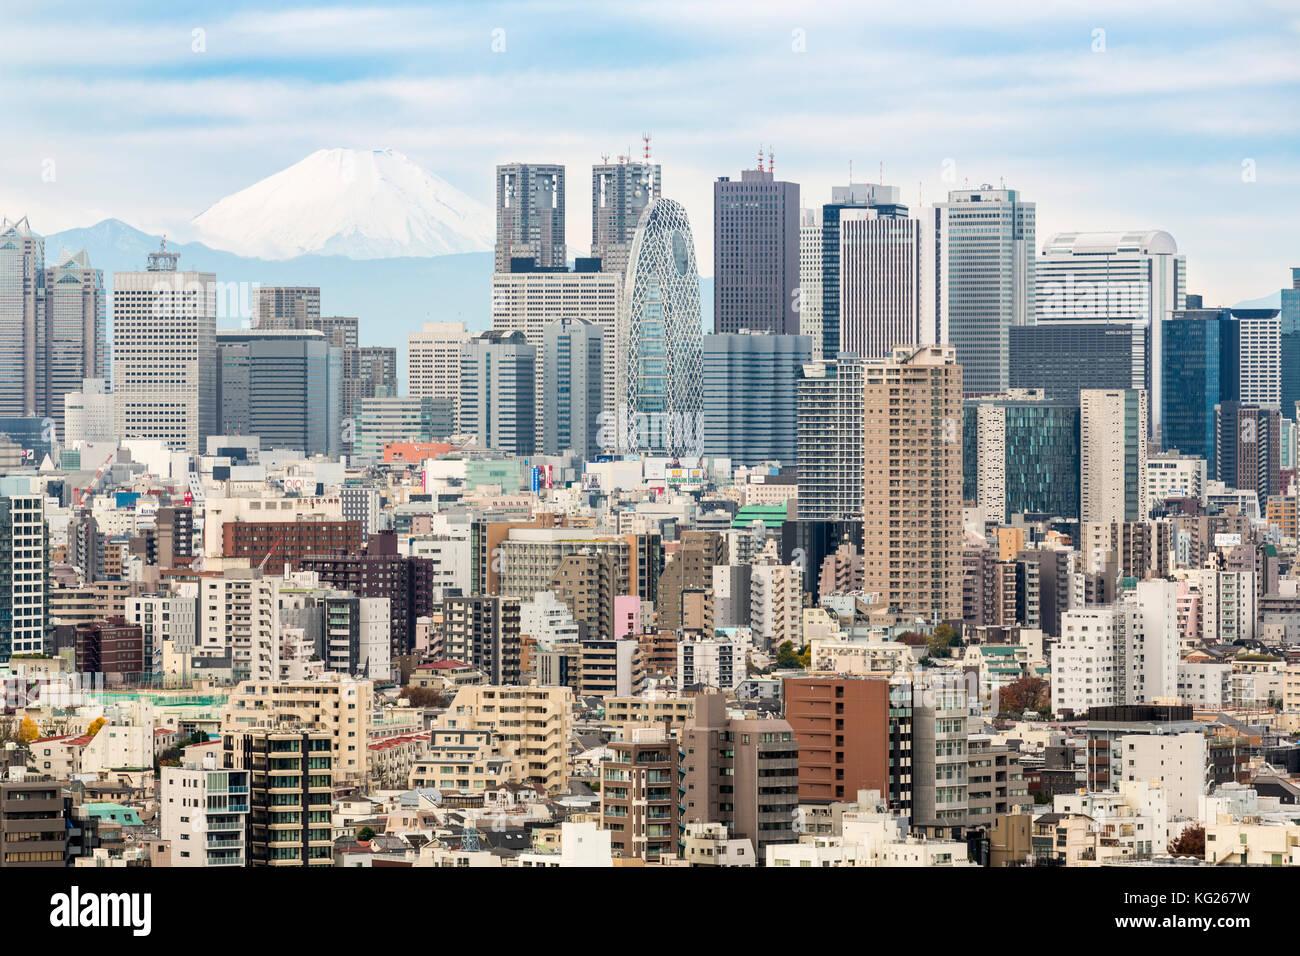 Le Mont Fuji et le quartier de Shinjuku gratte-ciel skyline, Tokyo, Japon, Asie Photo Stock